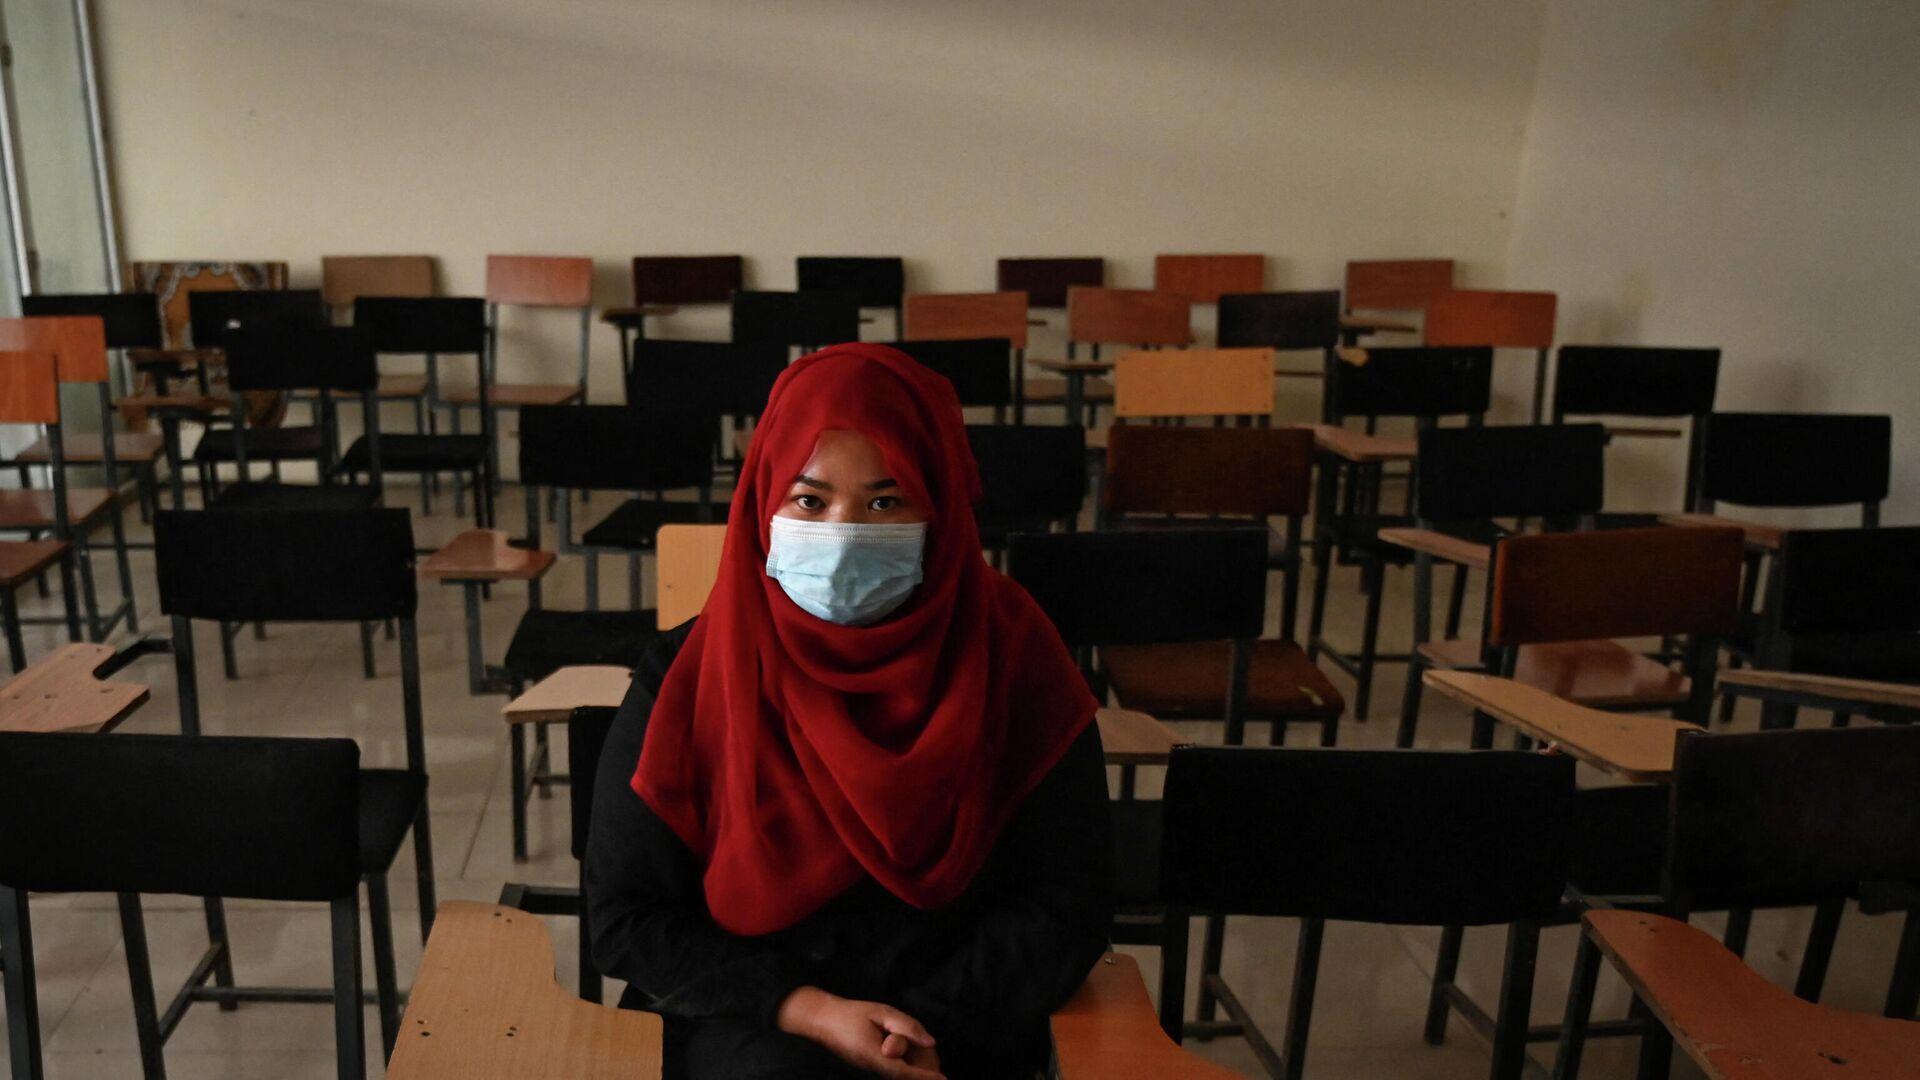 Taliban'ın kontrolündeki Afganistan'da yeniden açılan özel üniversitelerde çarşaf-peçe zorunluluğuna uymaya çalışan bir kadın öğrenci - Sputnik Türkiye, 1920, 13.09.2021